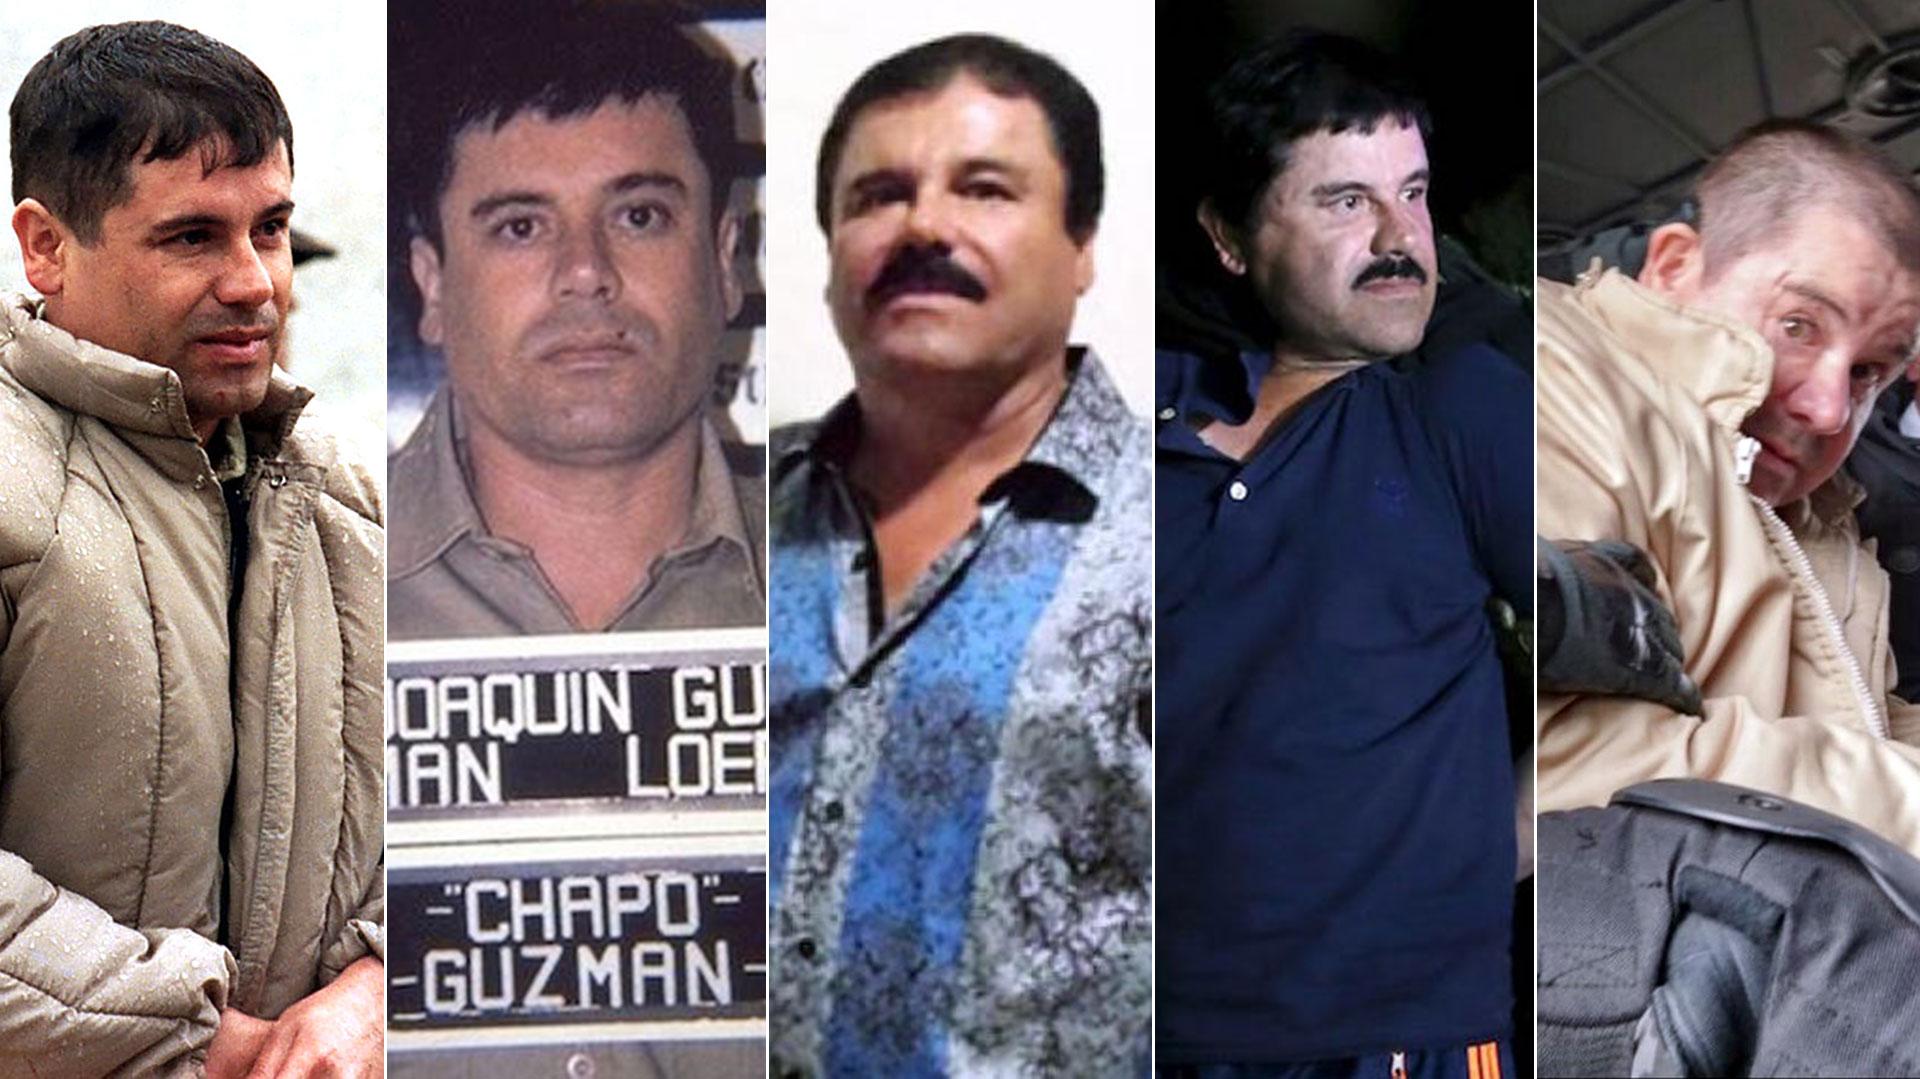 """La transformación de """"El Chapo"""" Guzmán a lo largo de su vida criminal como jefe narco del Cártel de Sinaloa"""